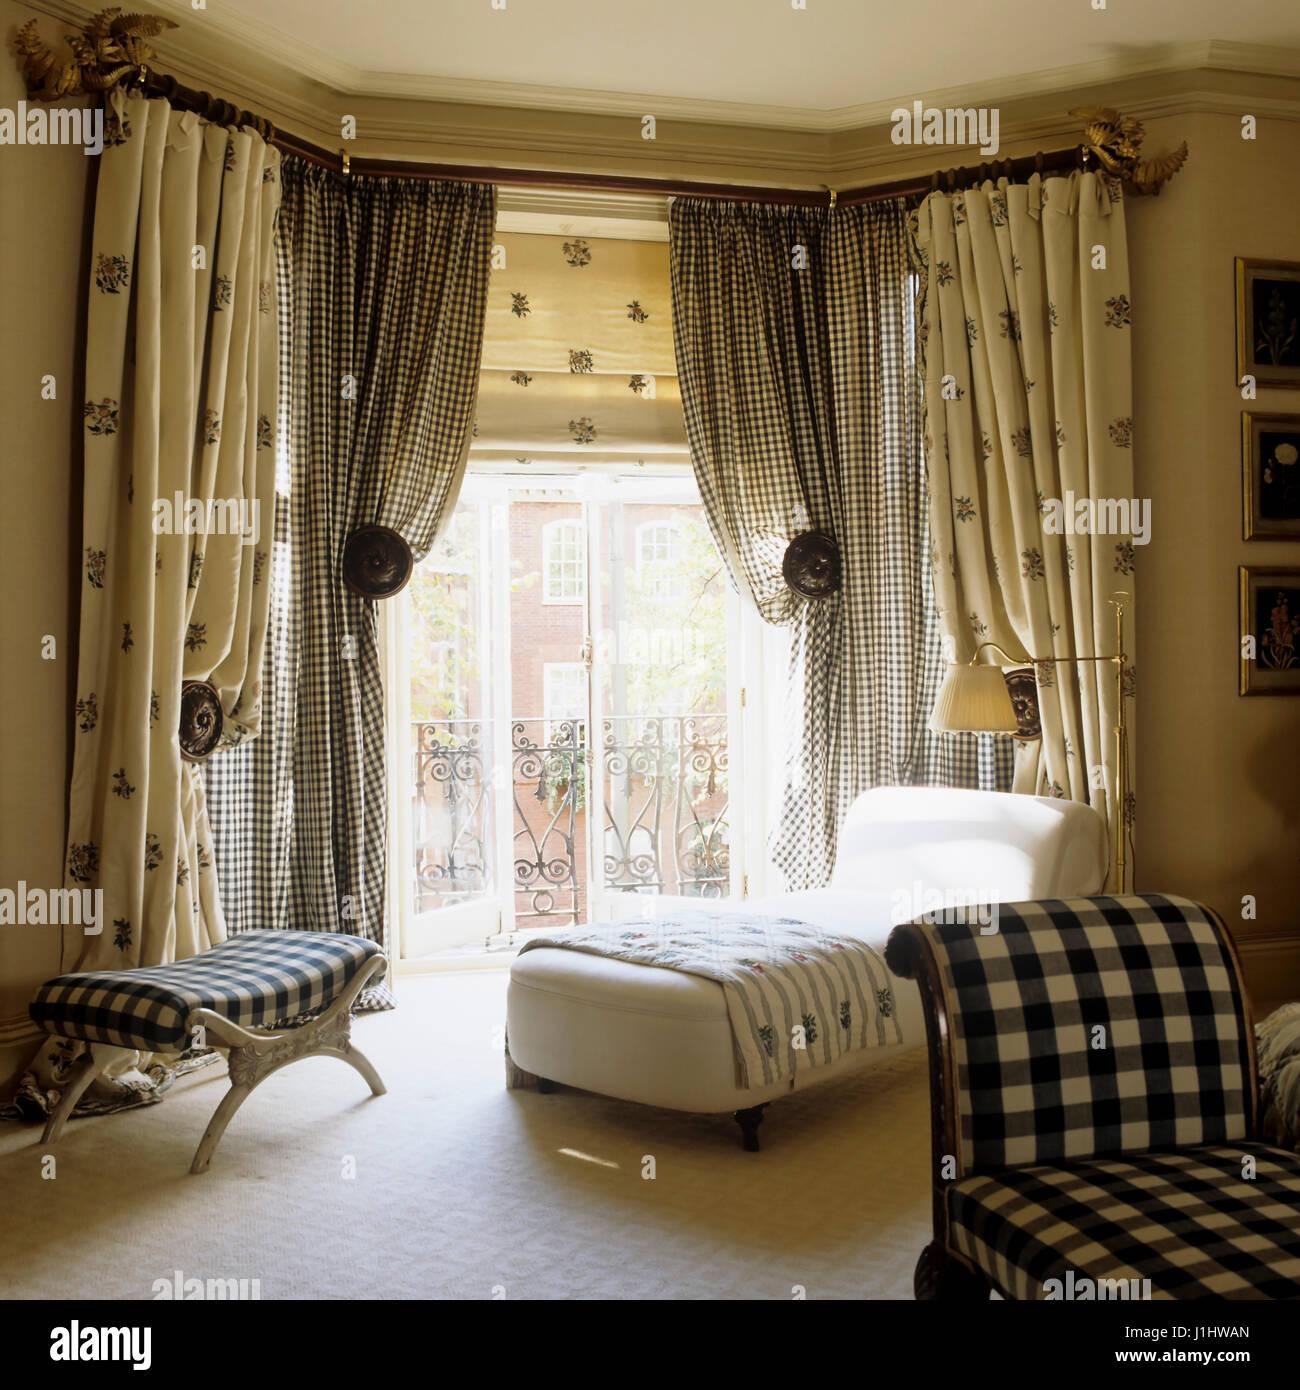 Stile classico area soggiorno Foto & Immagine Stock: 138690685 - Alamy